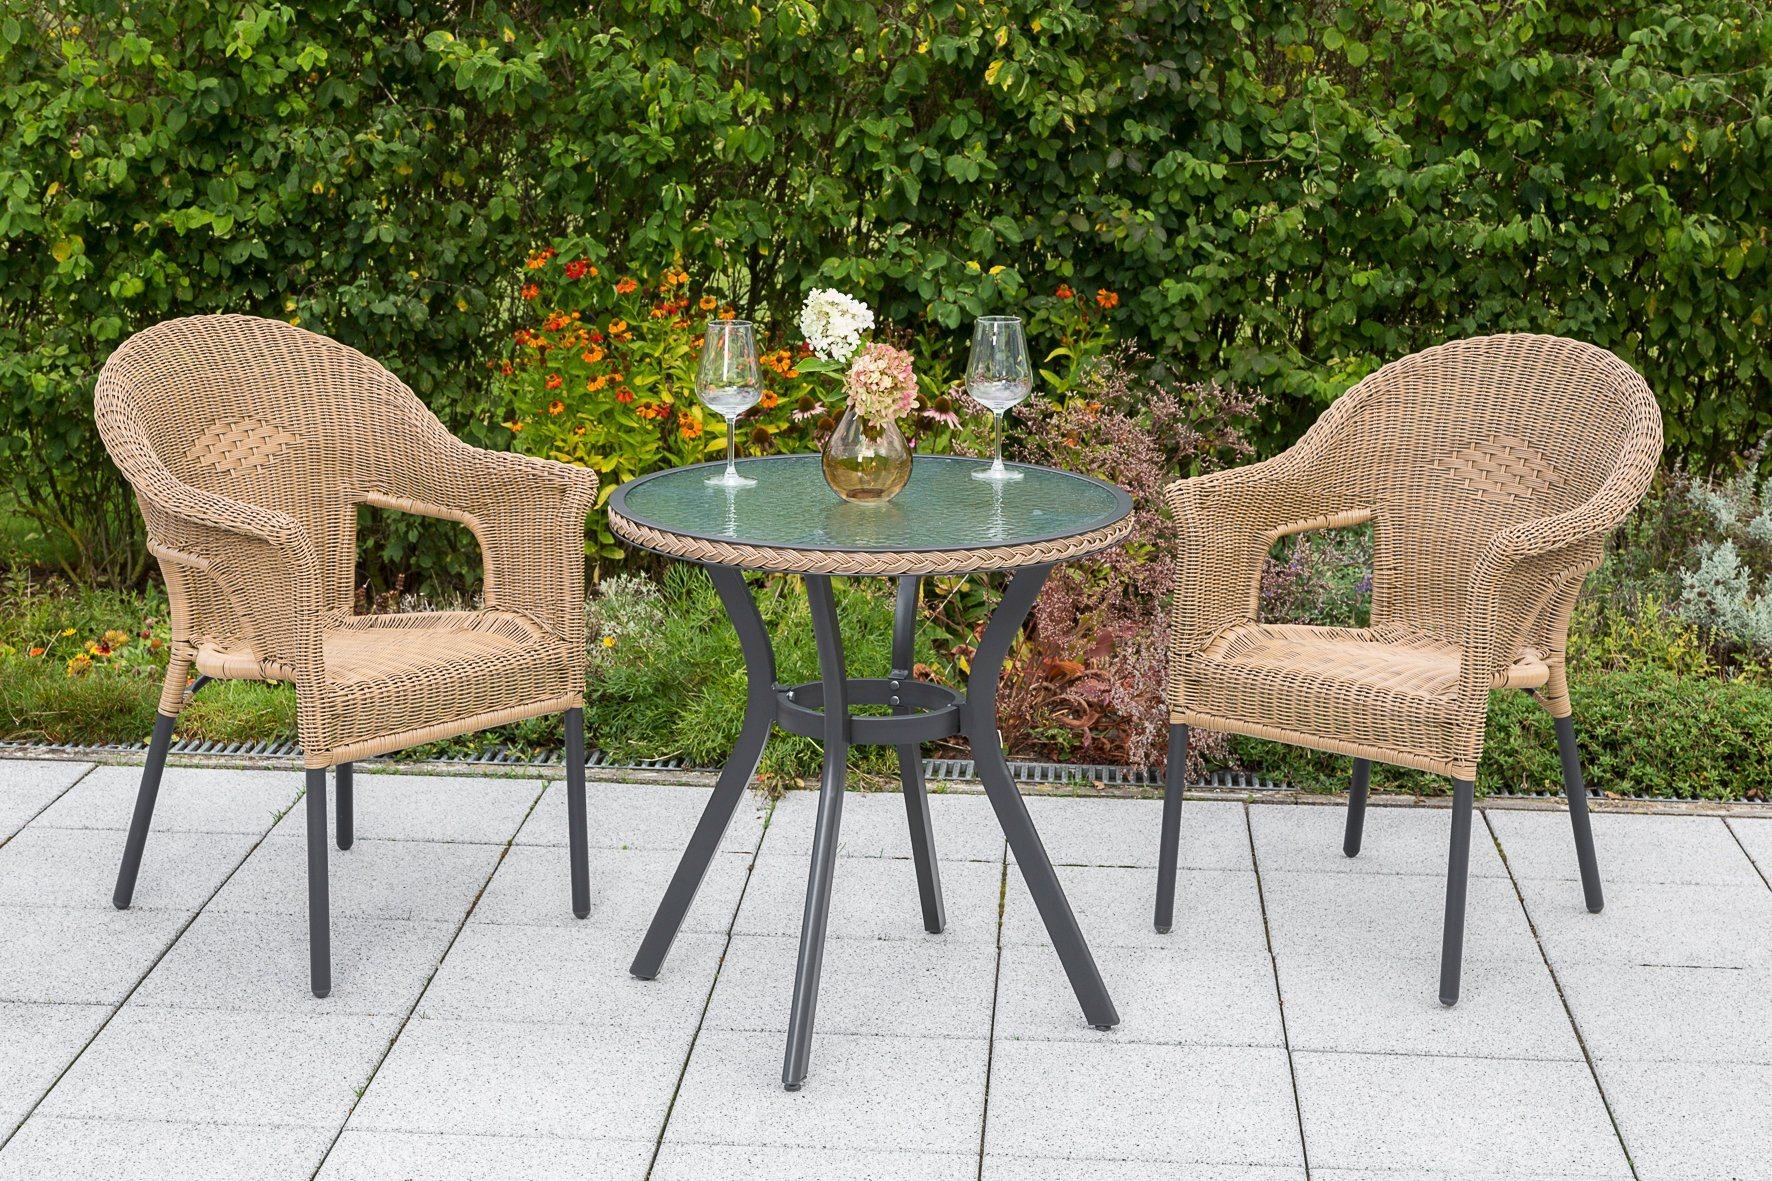 Holz Gartenmöbel Set Preisvergleich ~ Gartenmöbelset preisvergleich u2022 die besten angebote online kaufen